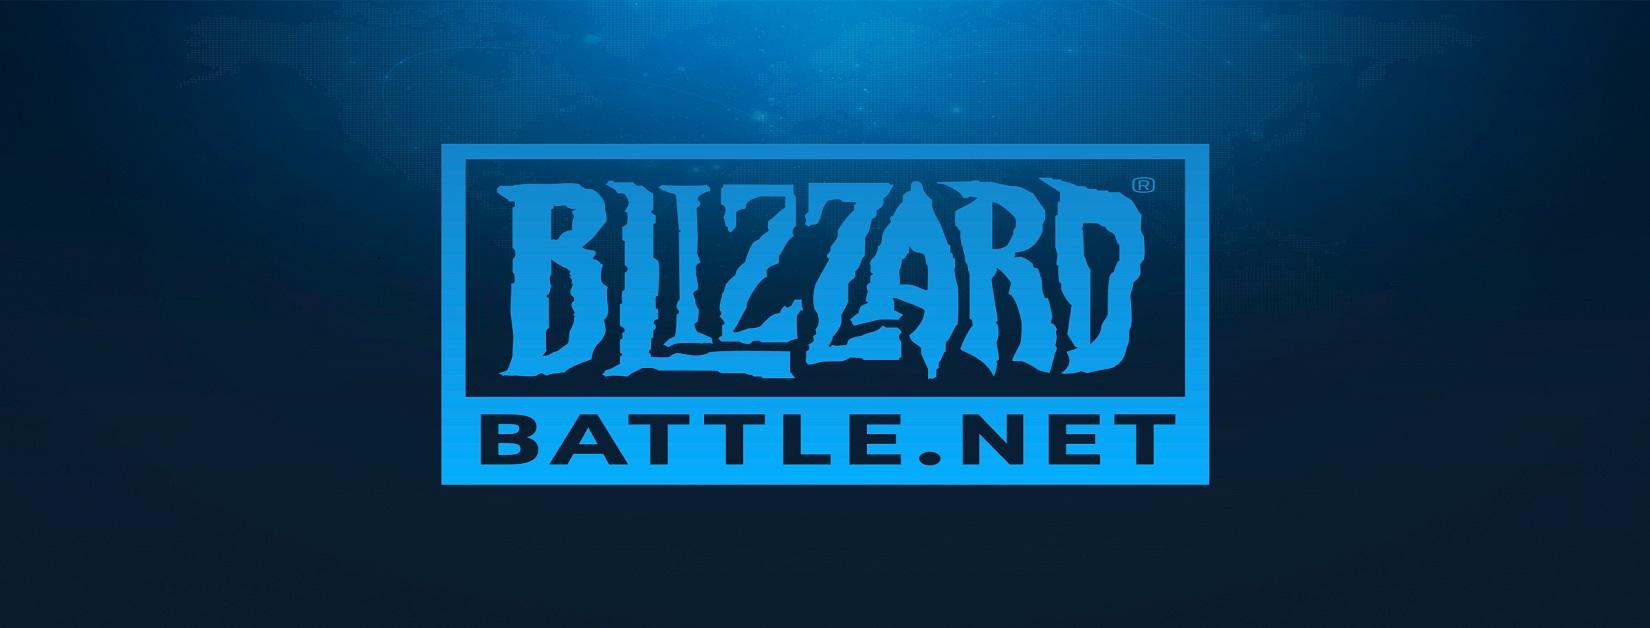 battle.net call of duty BO4